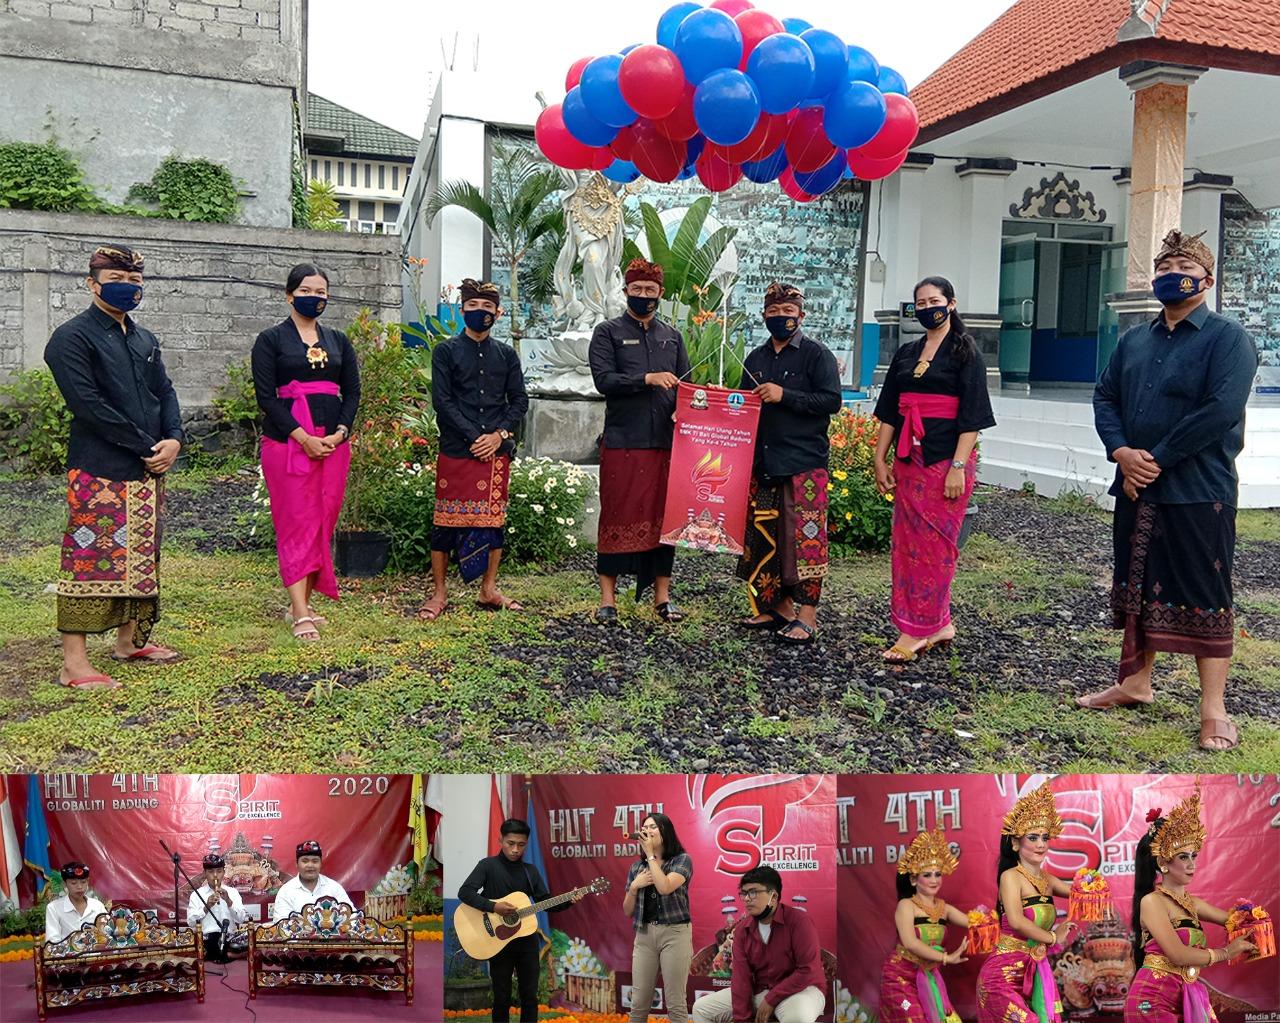 PUNCAK HUT ke-4 SMK TI Bali Global Badung ditandai dengan pelepasan balon oleh Kasek I Made Indra Aribawa; didampingi para wakasek, Selasa (10/11/2020). Foto: ist